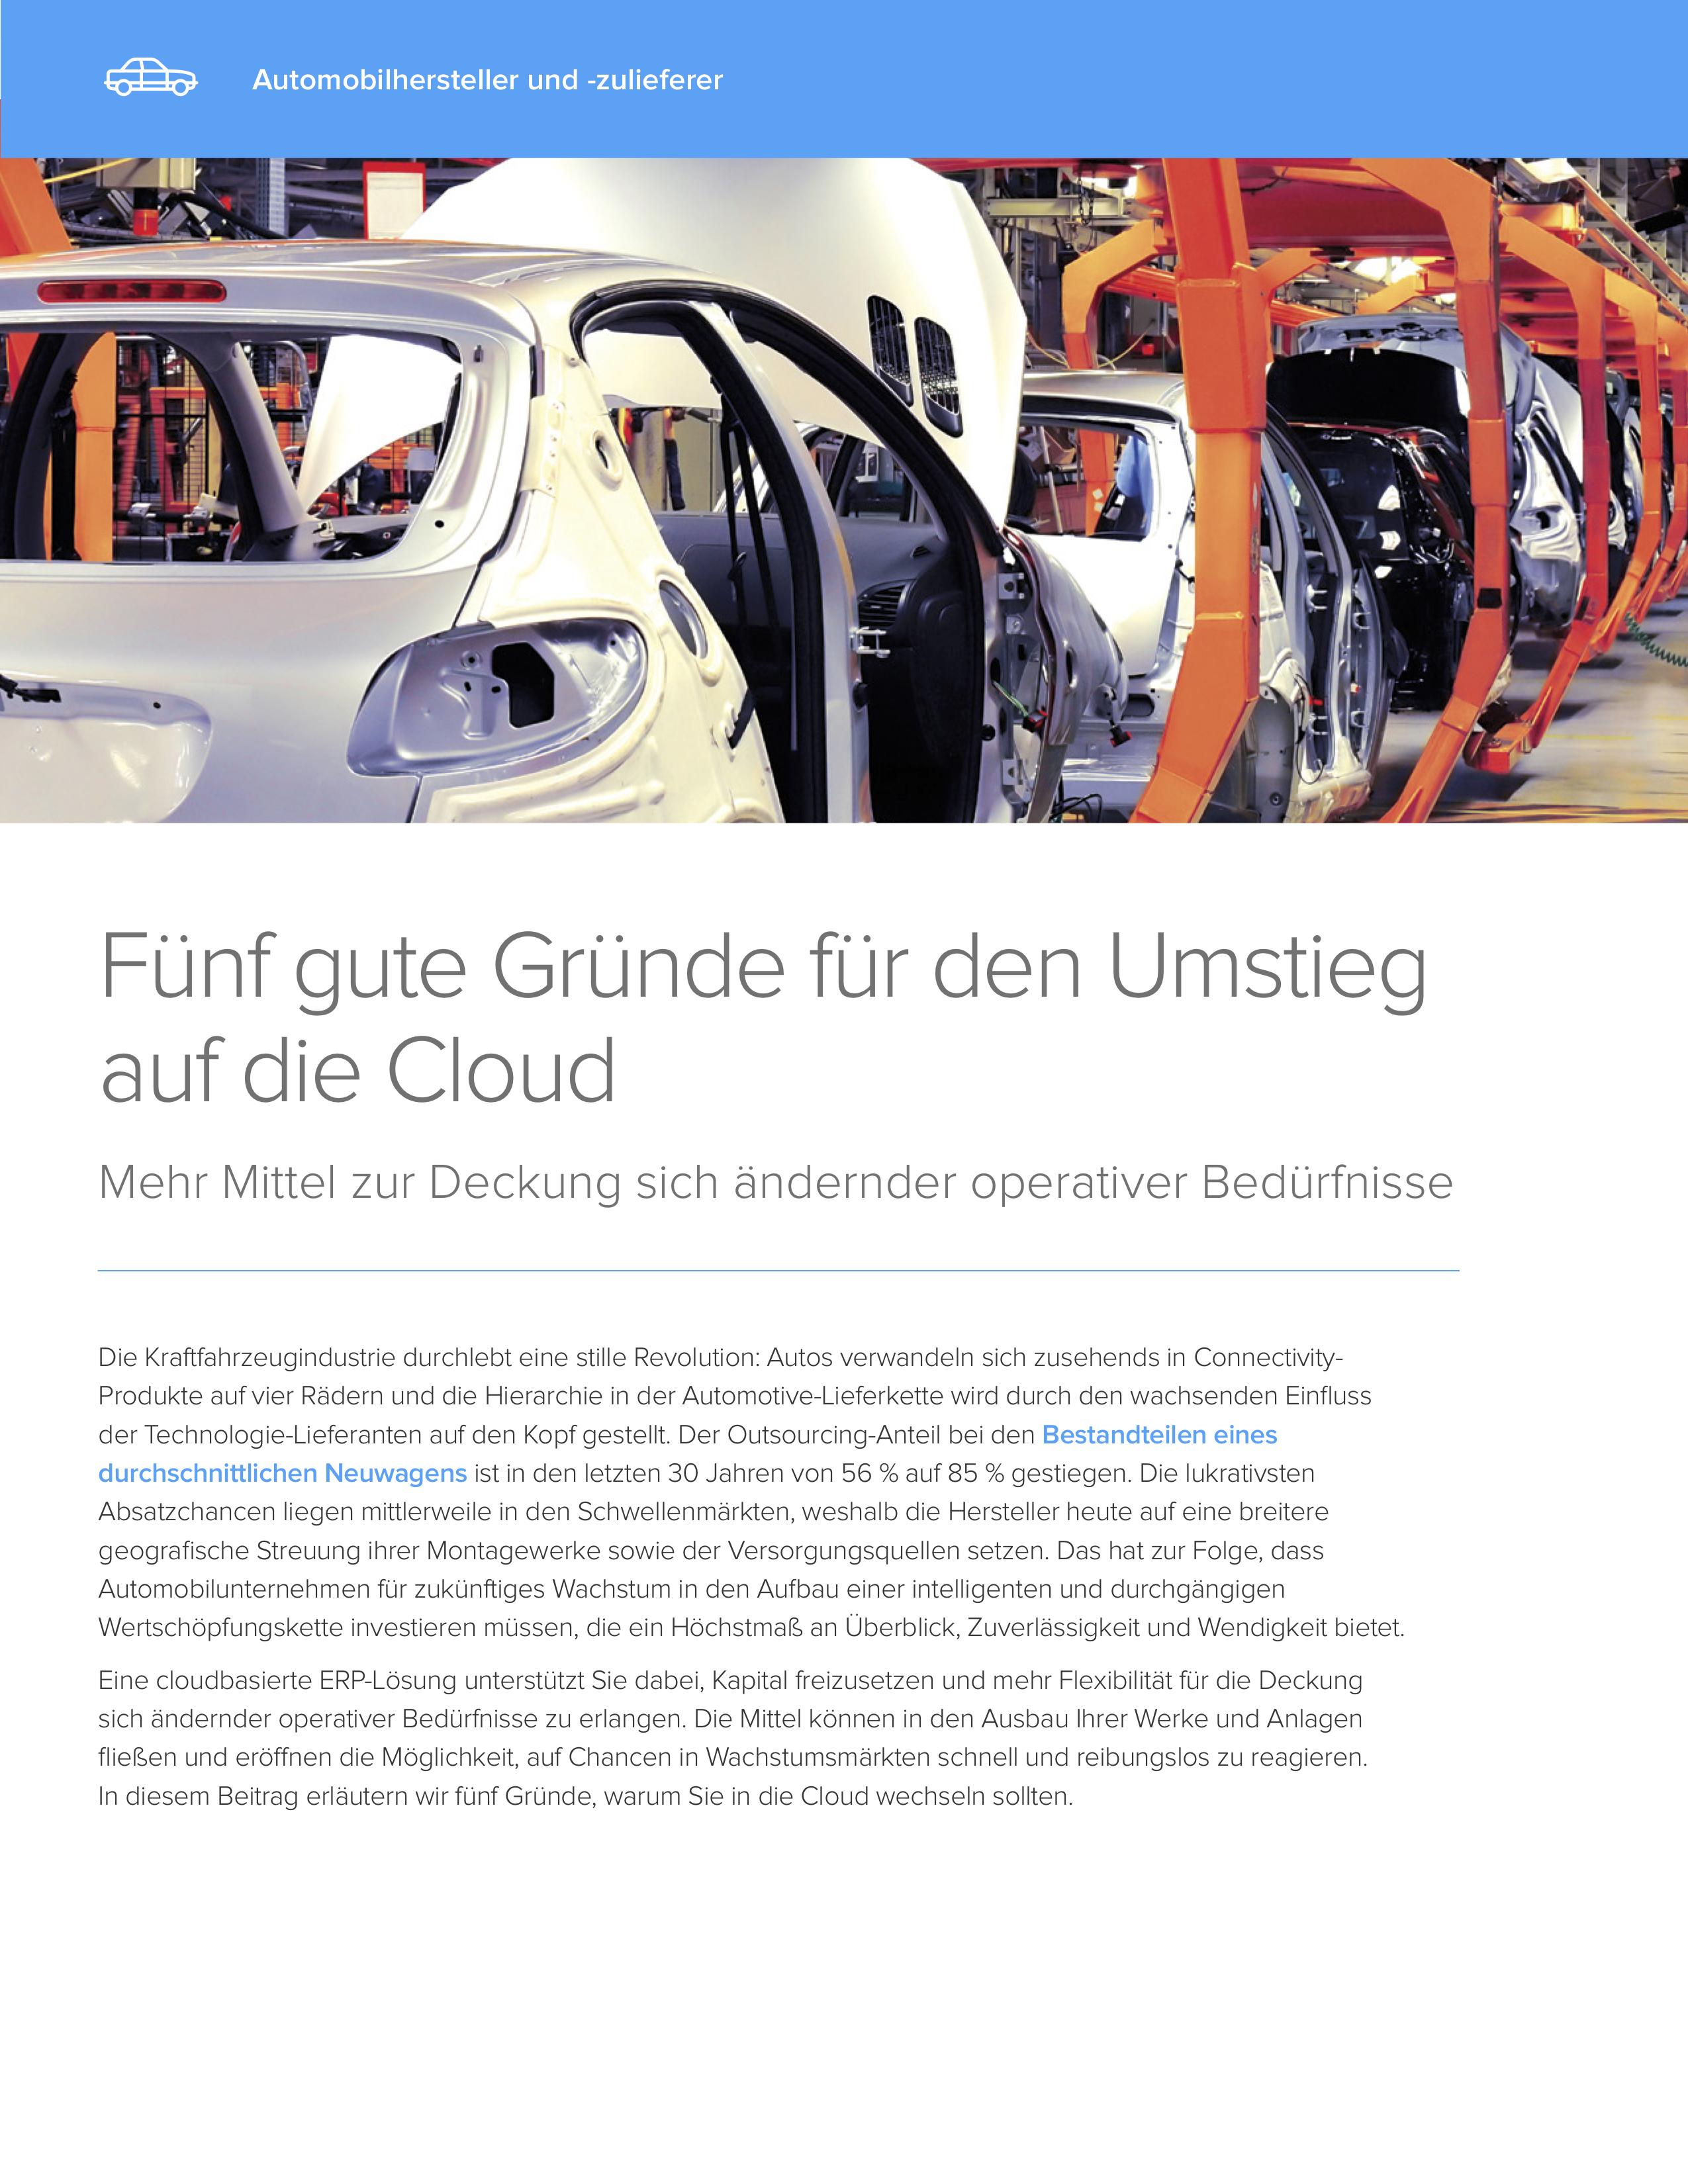 5 grunde fur den umstieg in  die cloud  automotive cover